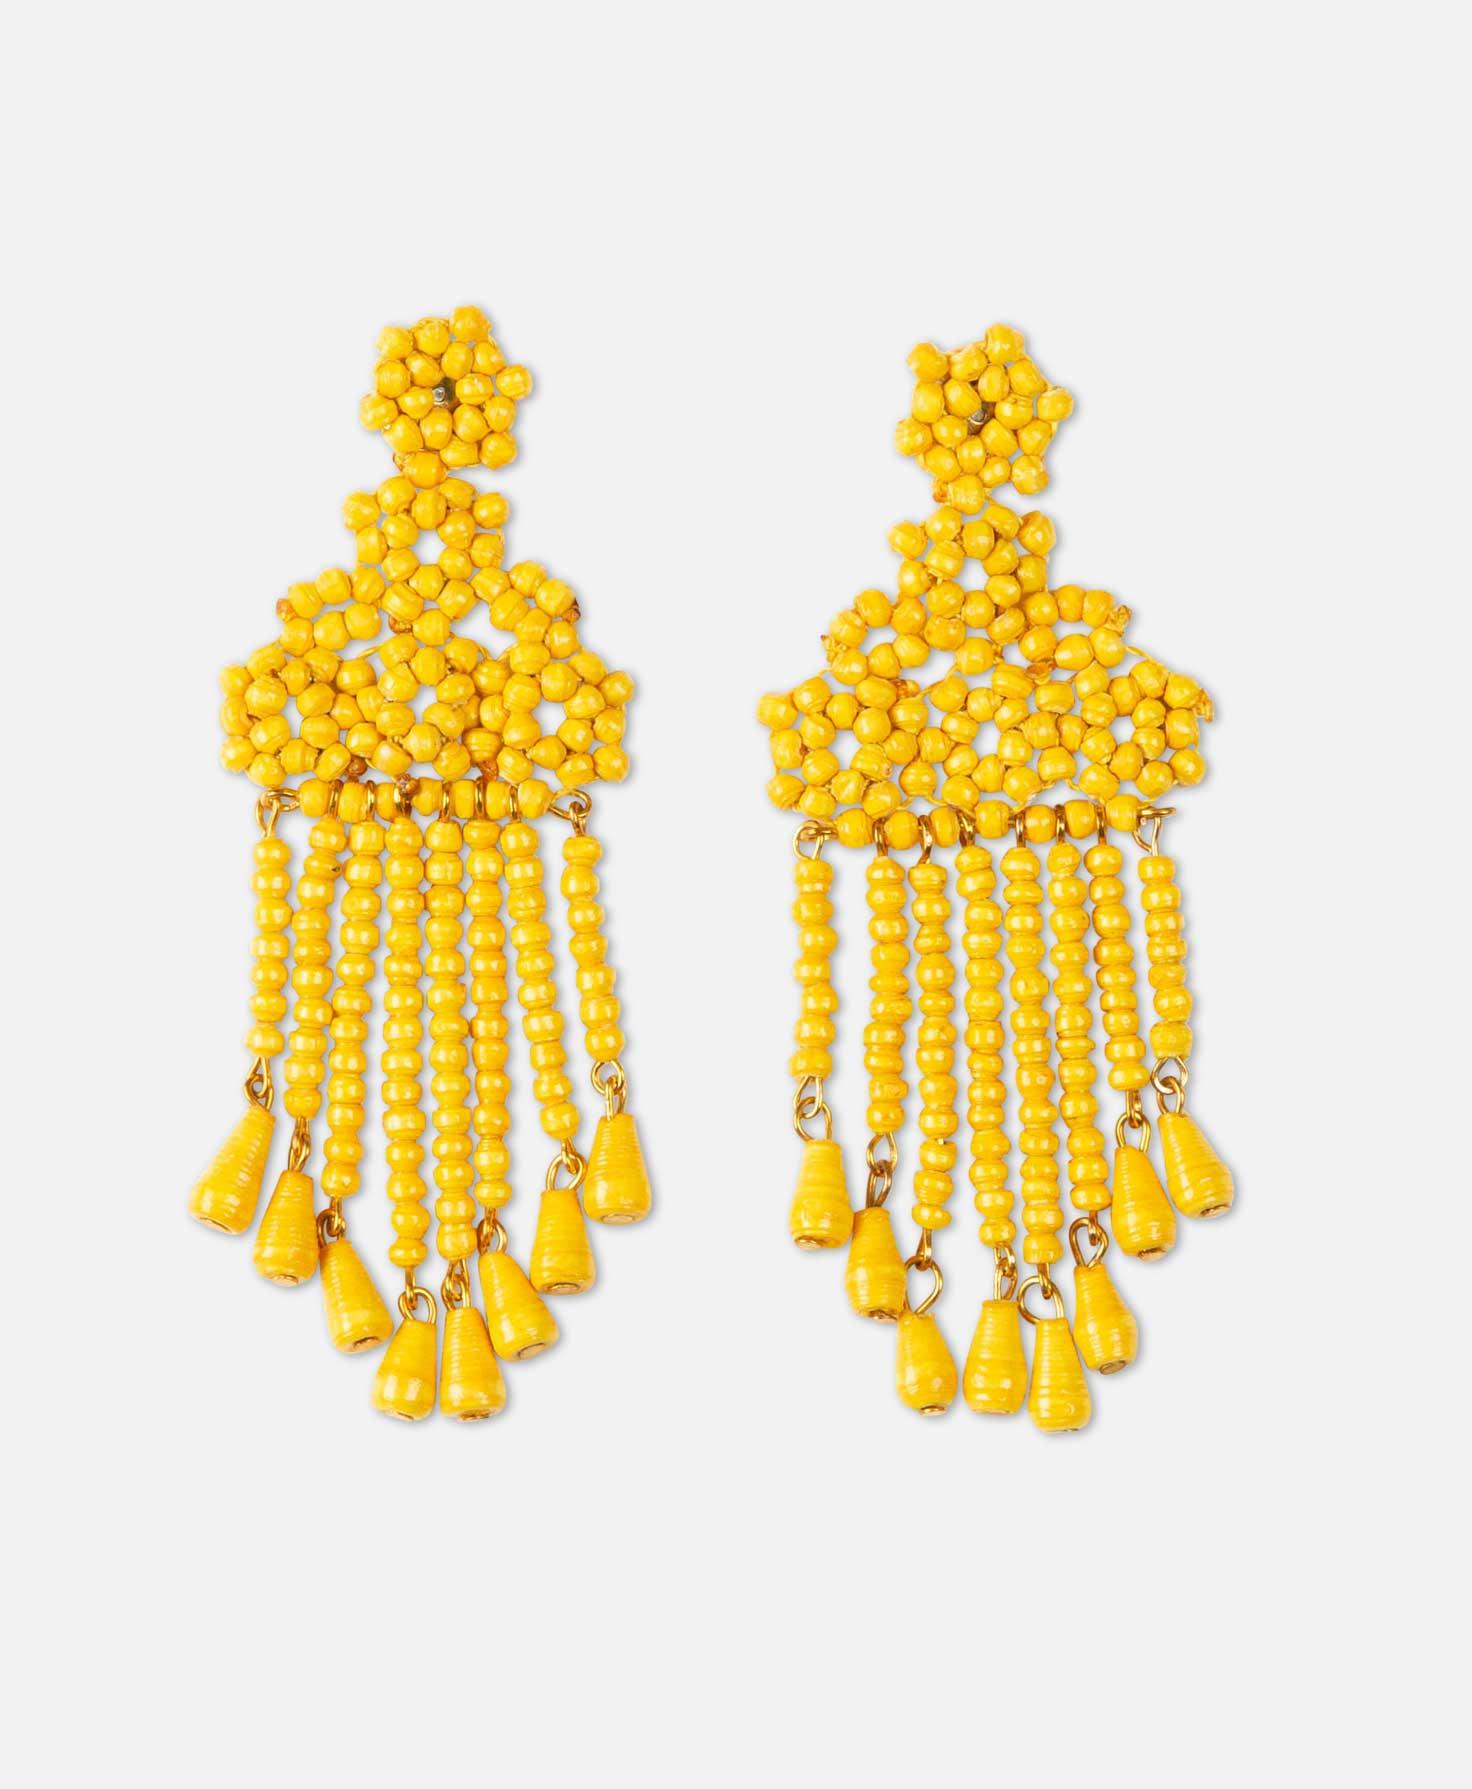 Noonday Jewelry